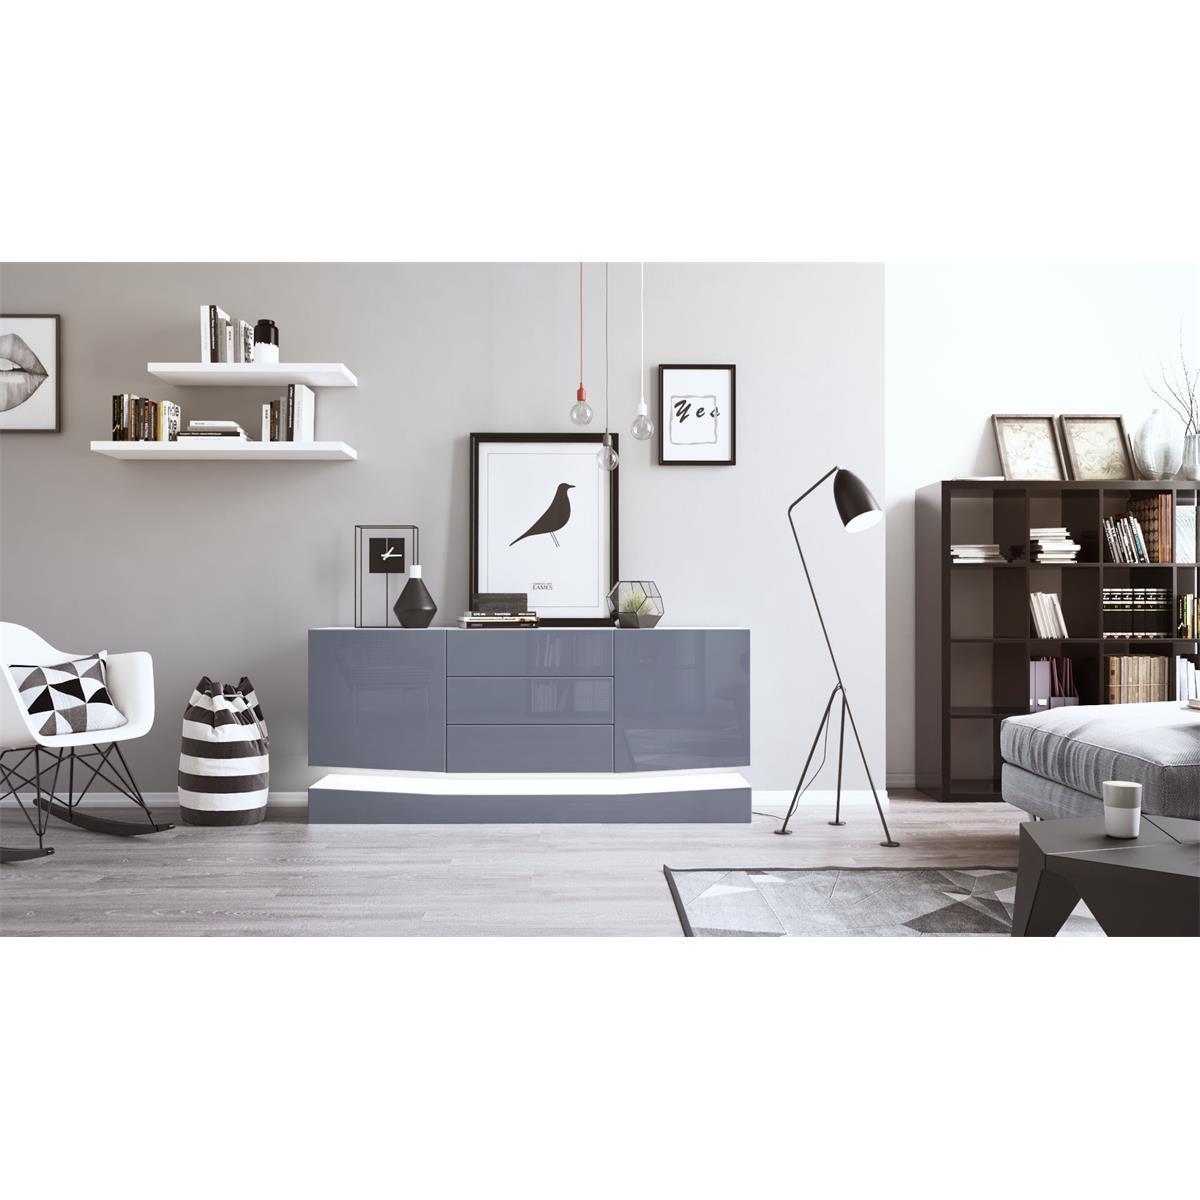 Verzauberkunst Sideboard Grau Weiß Galerie Von City City